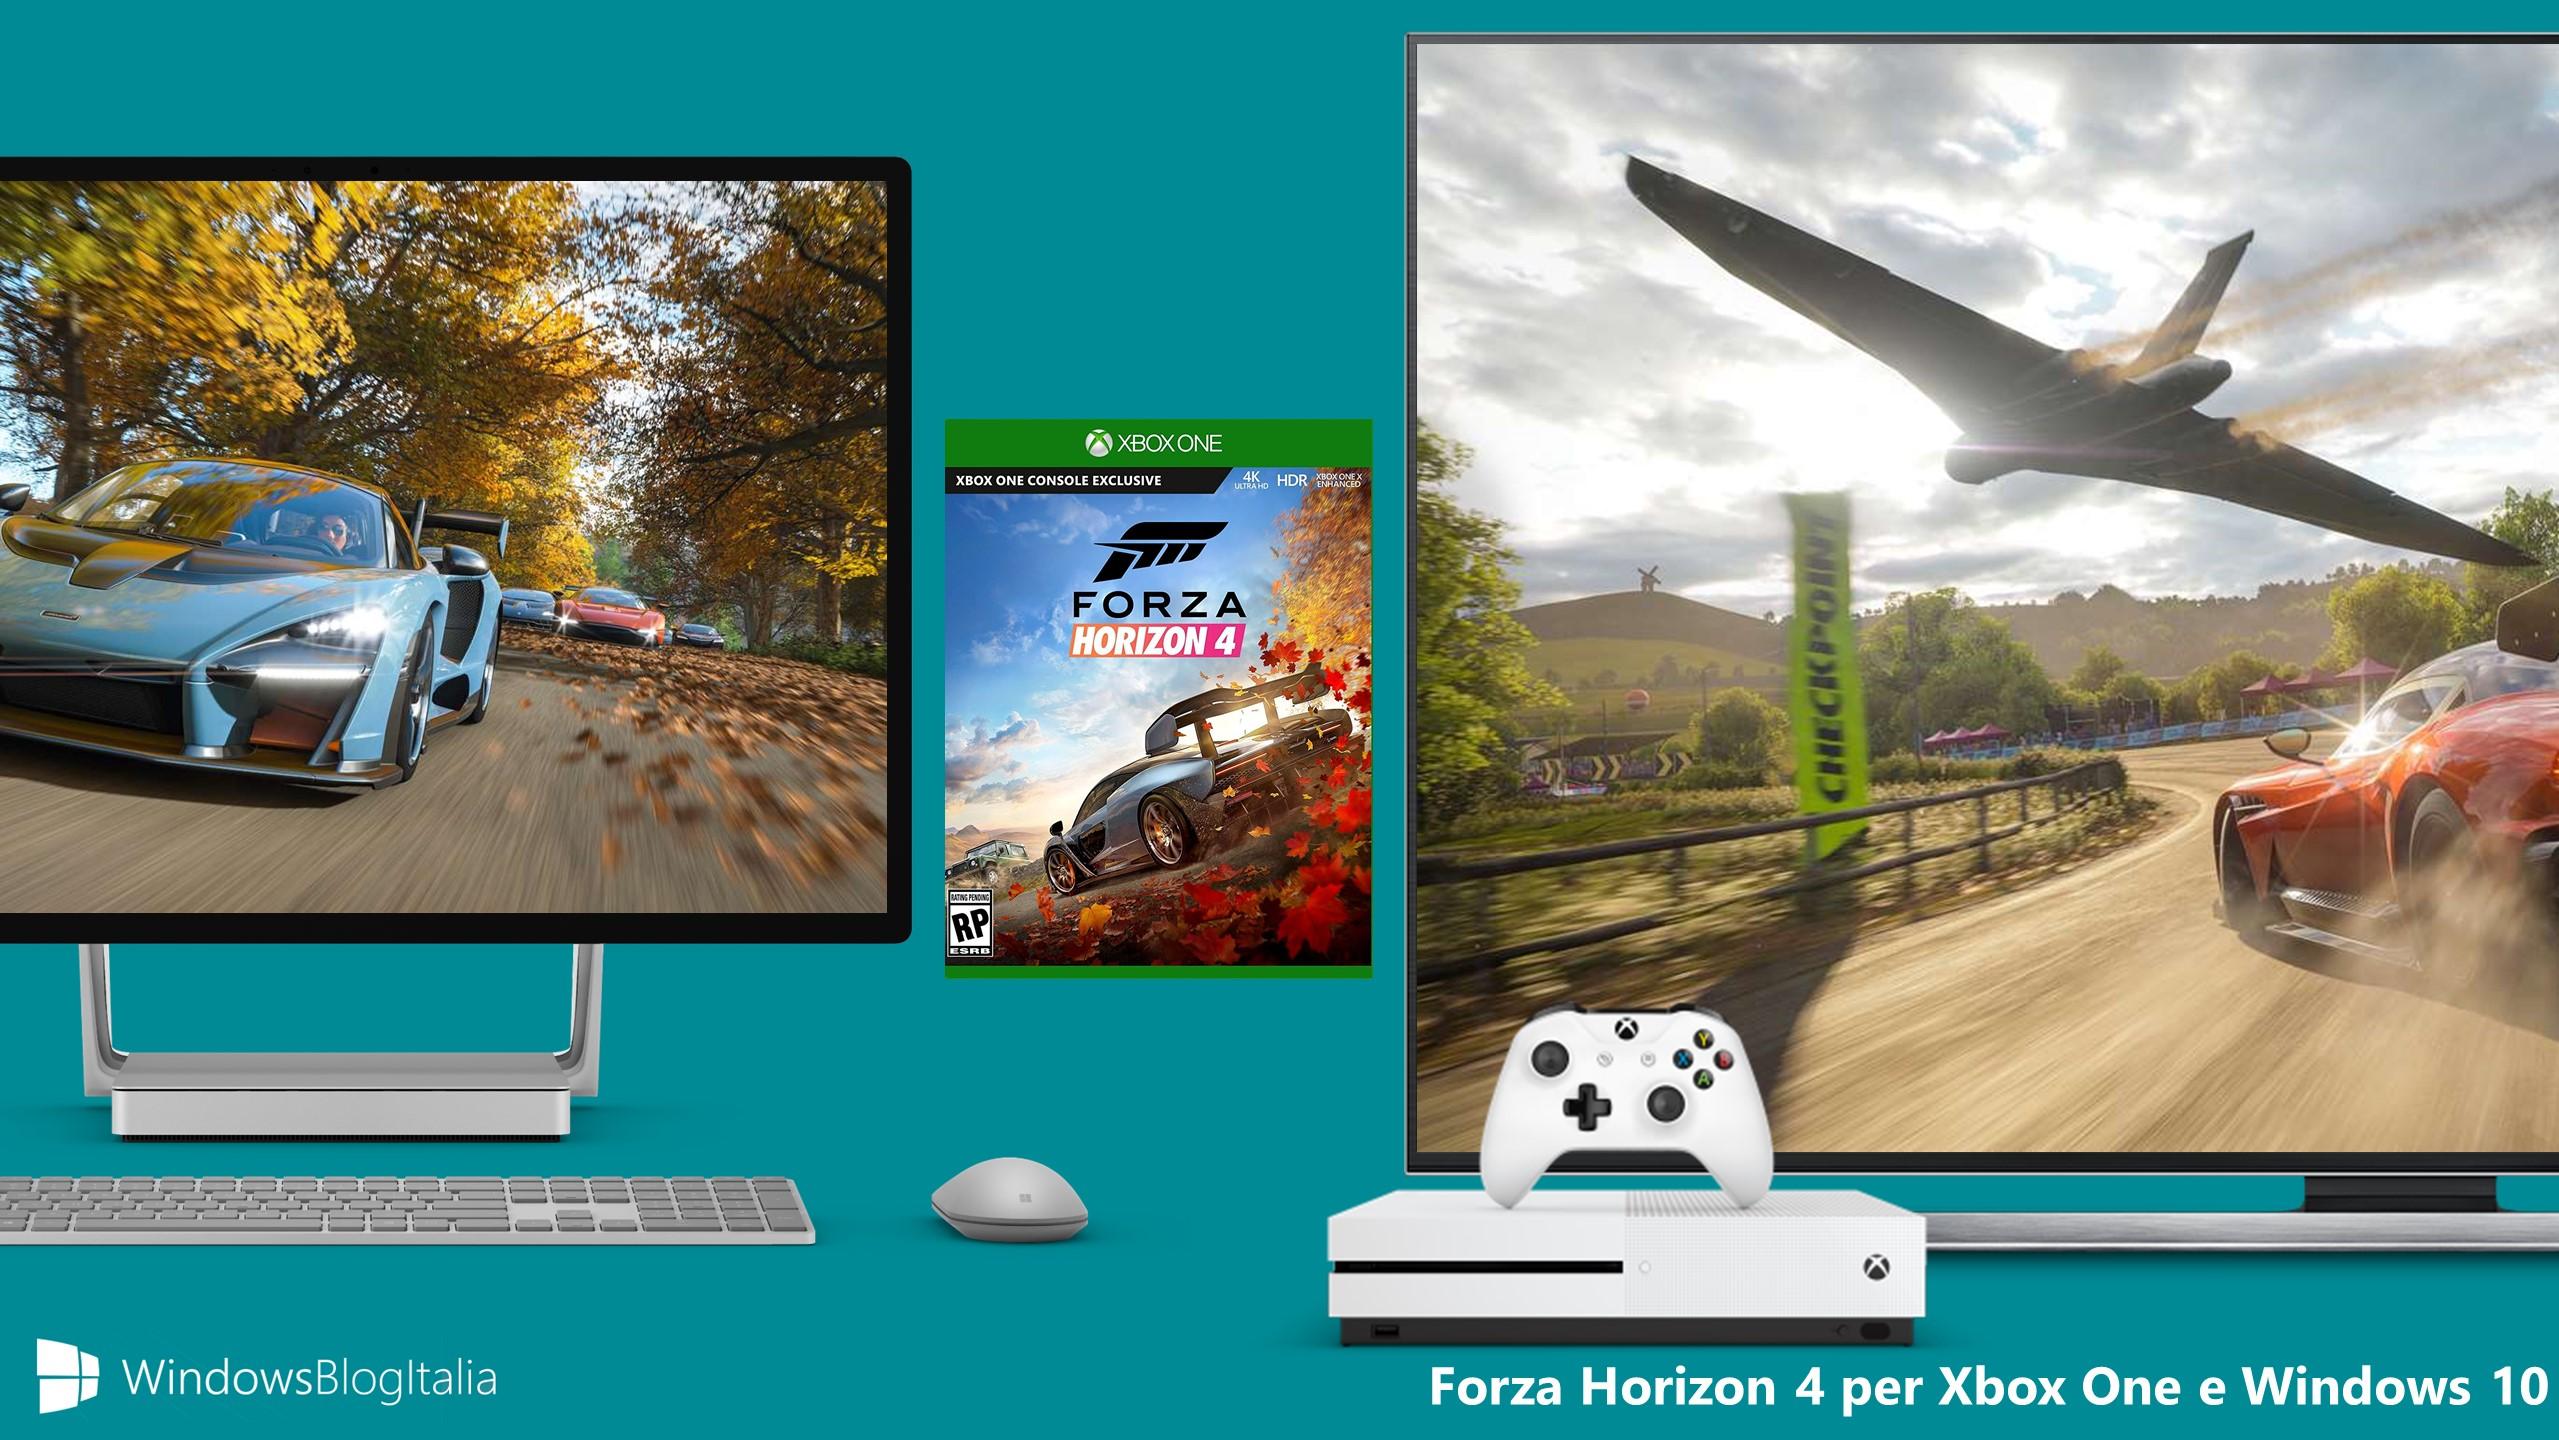 Forza Horizon 4 Xbox One PC Windows 10